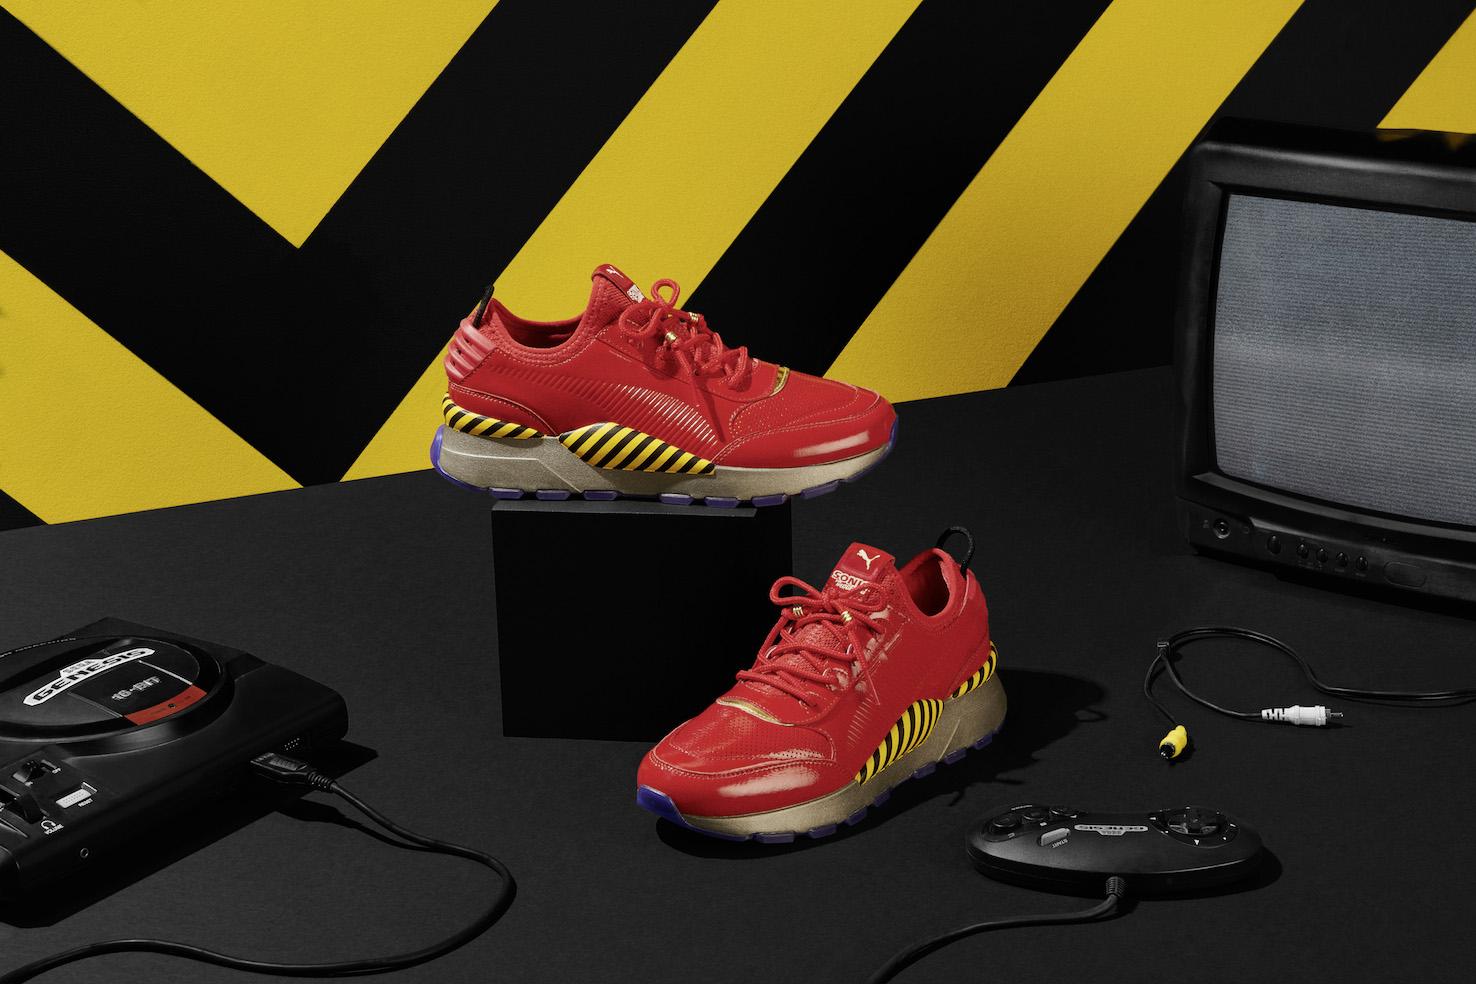 La suola comprende una gomma rossa traslucente ed in basso il luogo Sonic. Sull etichetta  è specificato il logo di collaborazione ed RS-0 99cf2cdcf87